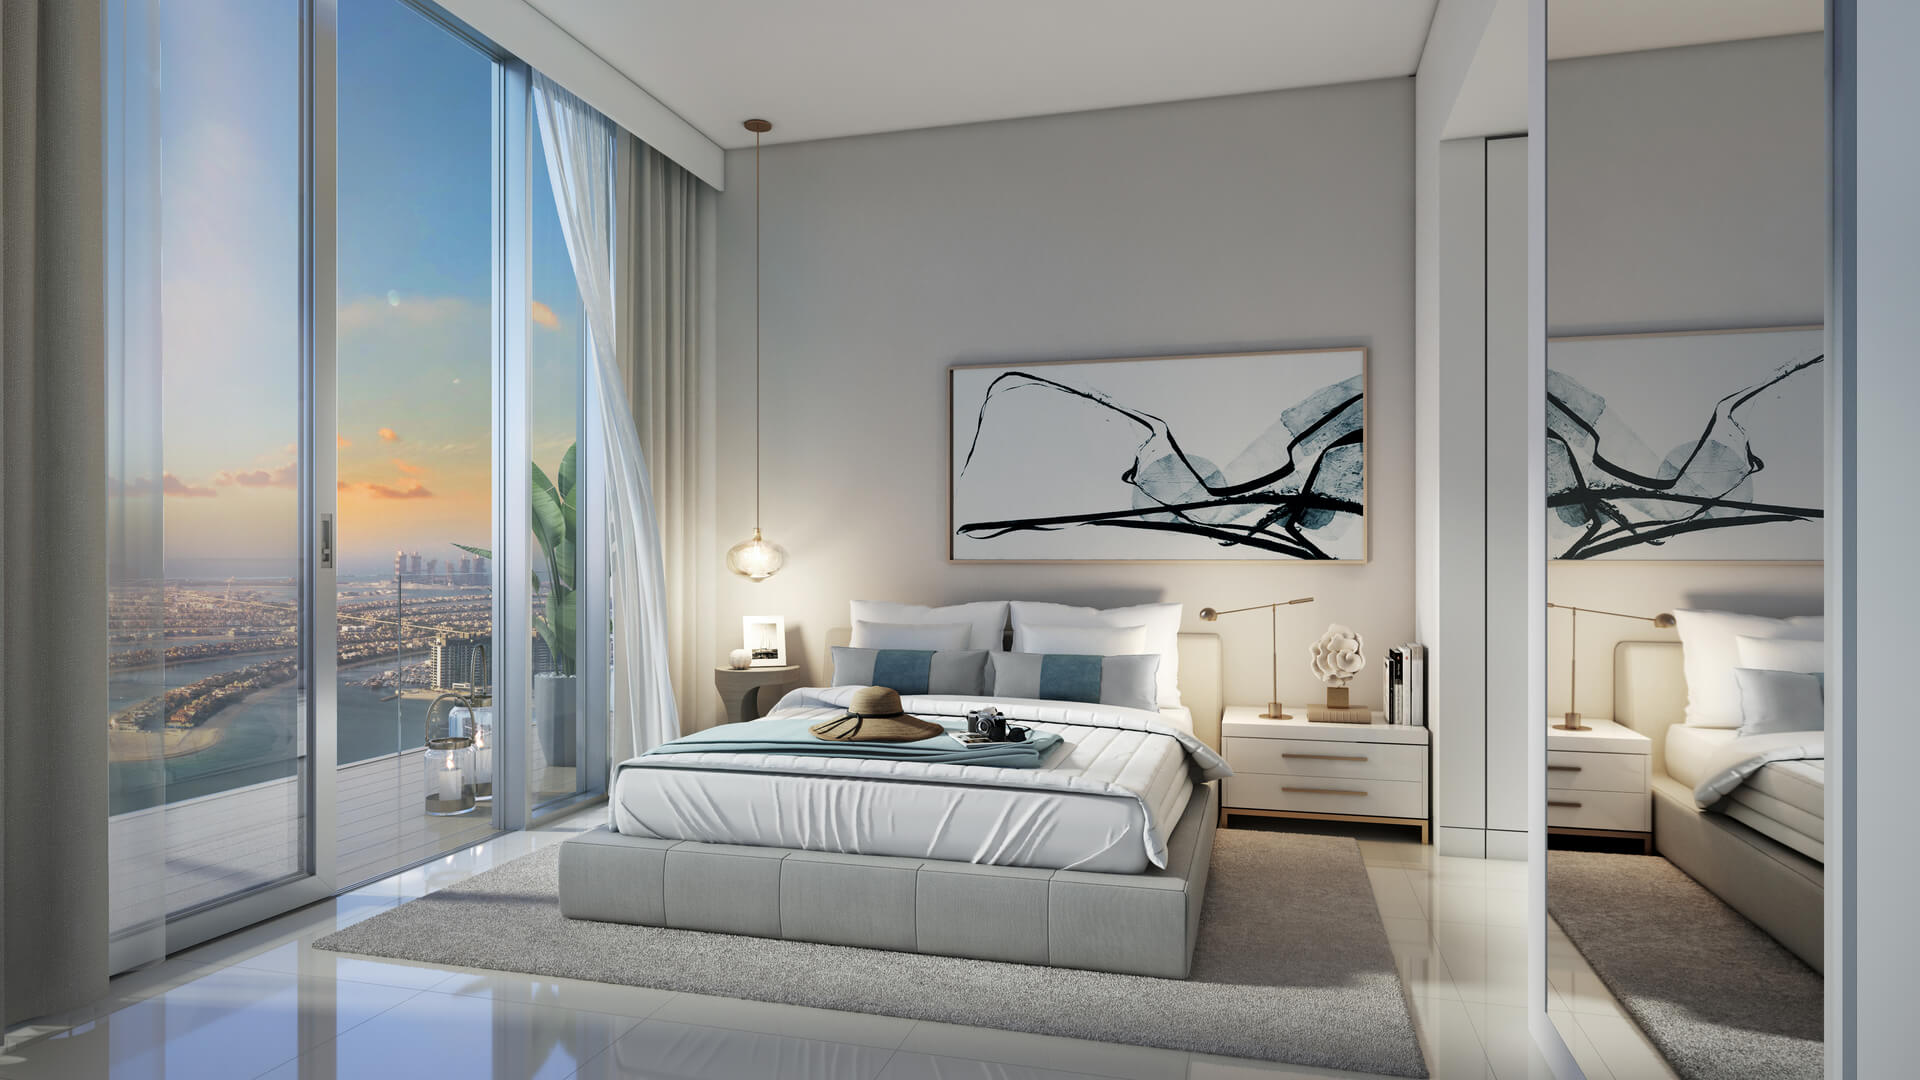 Apartamento en venta en Dubai, EAU, 2 dormitorios, 108 m2, № 24546 – foto 1